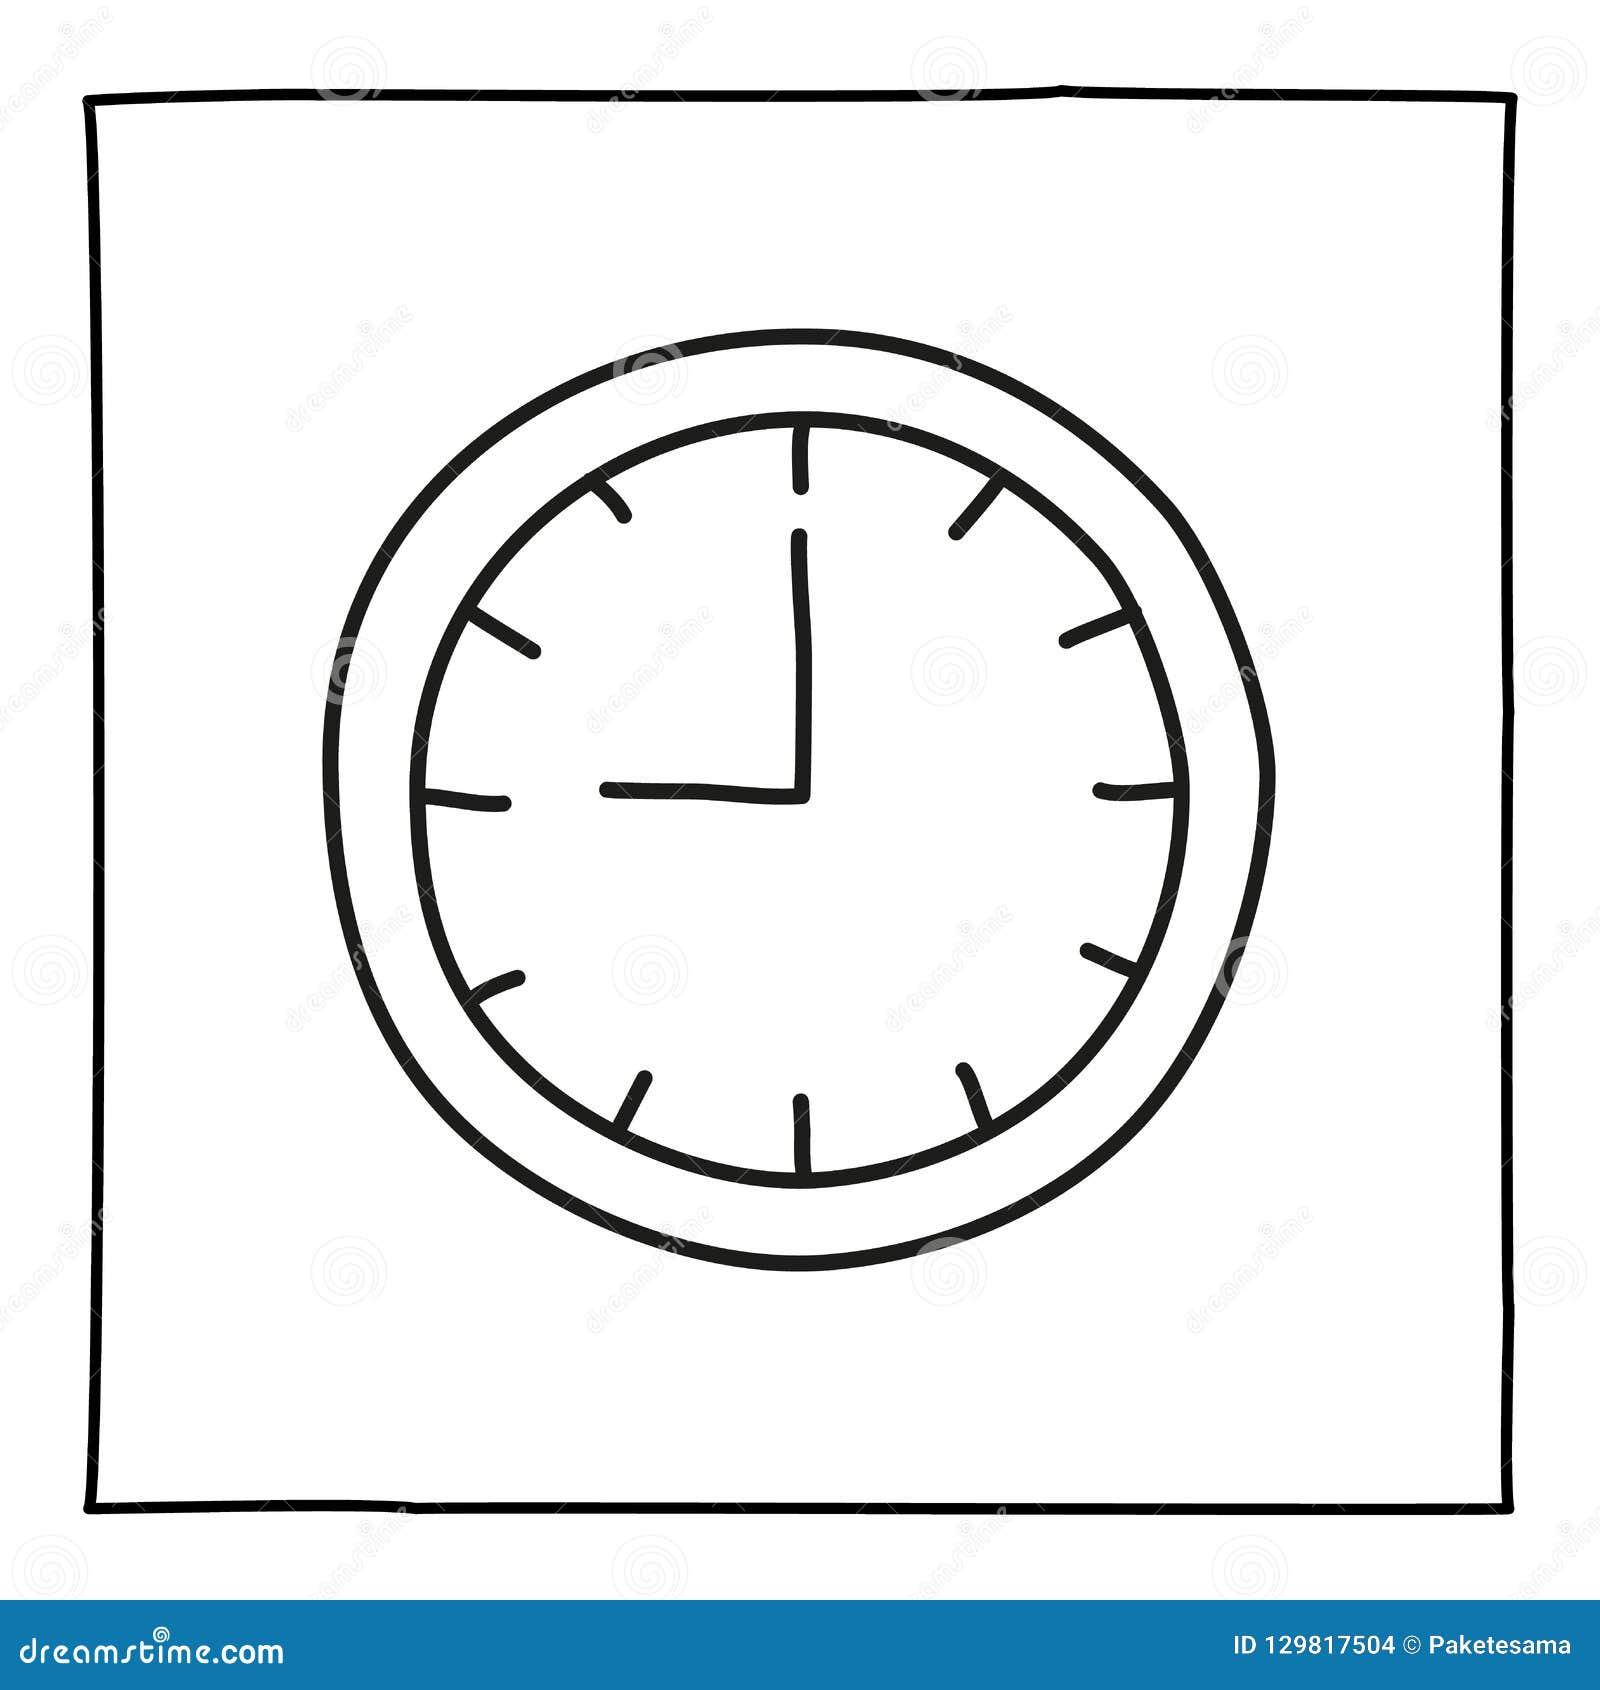 2f8c9496fbe5 Icono Del Reloj De Reloj De Pared Del Garabato Stock de ilustración ...